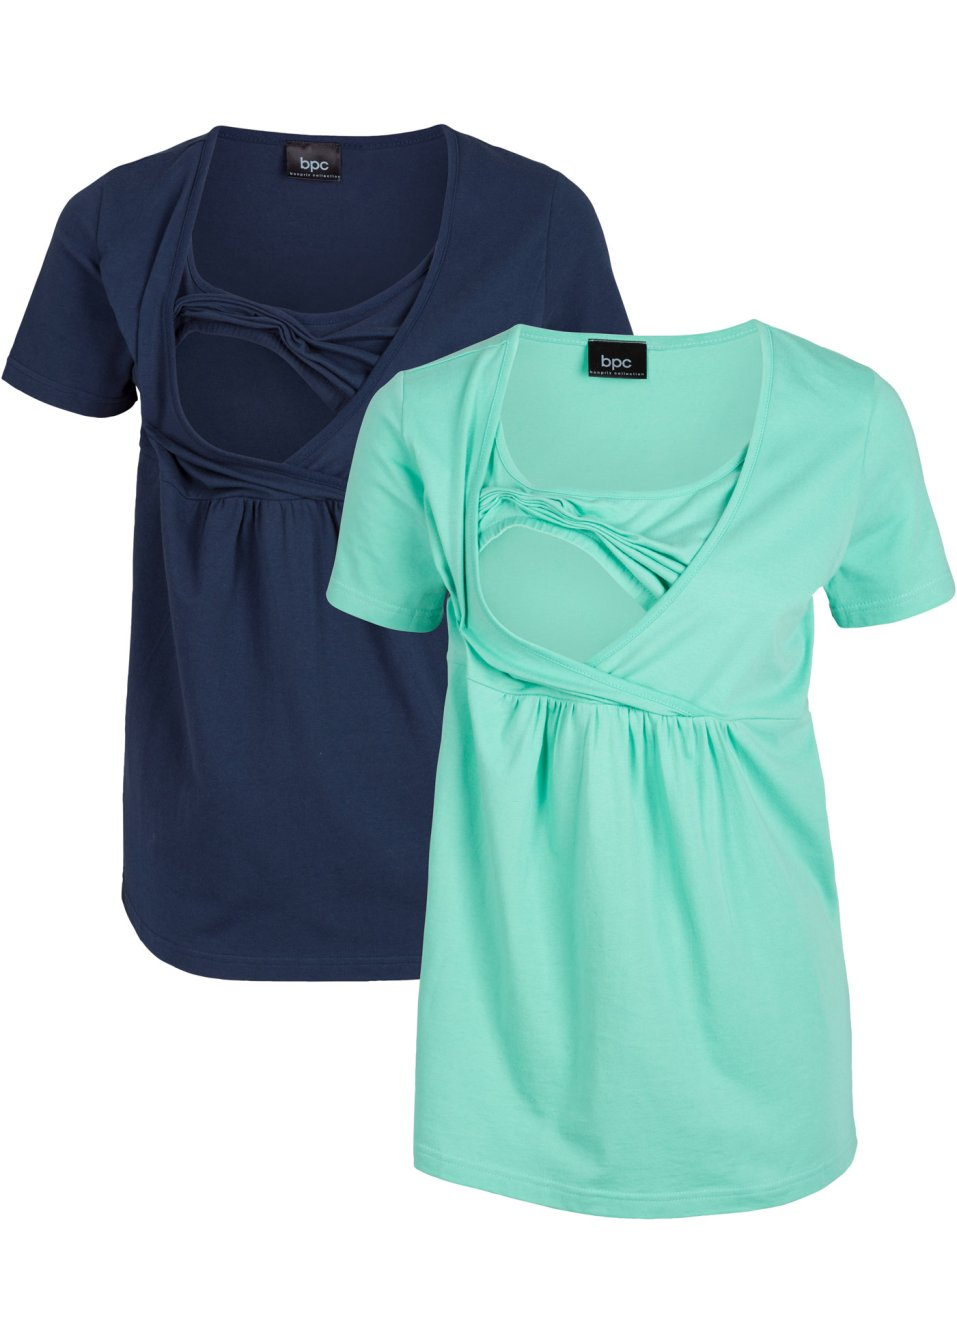 Praktisches und komfortables Umstands- und Stillshirt - dunkelblau+mentholblau PecE4 Kj9H0